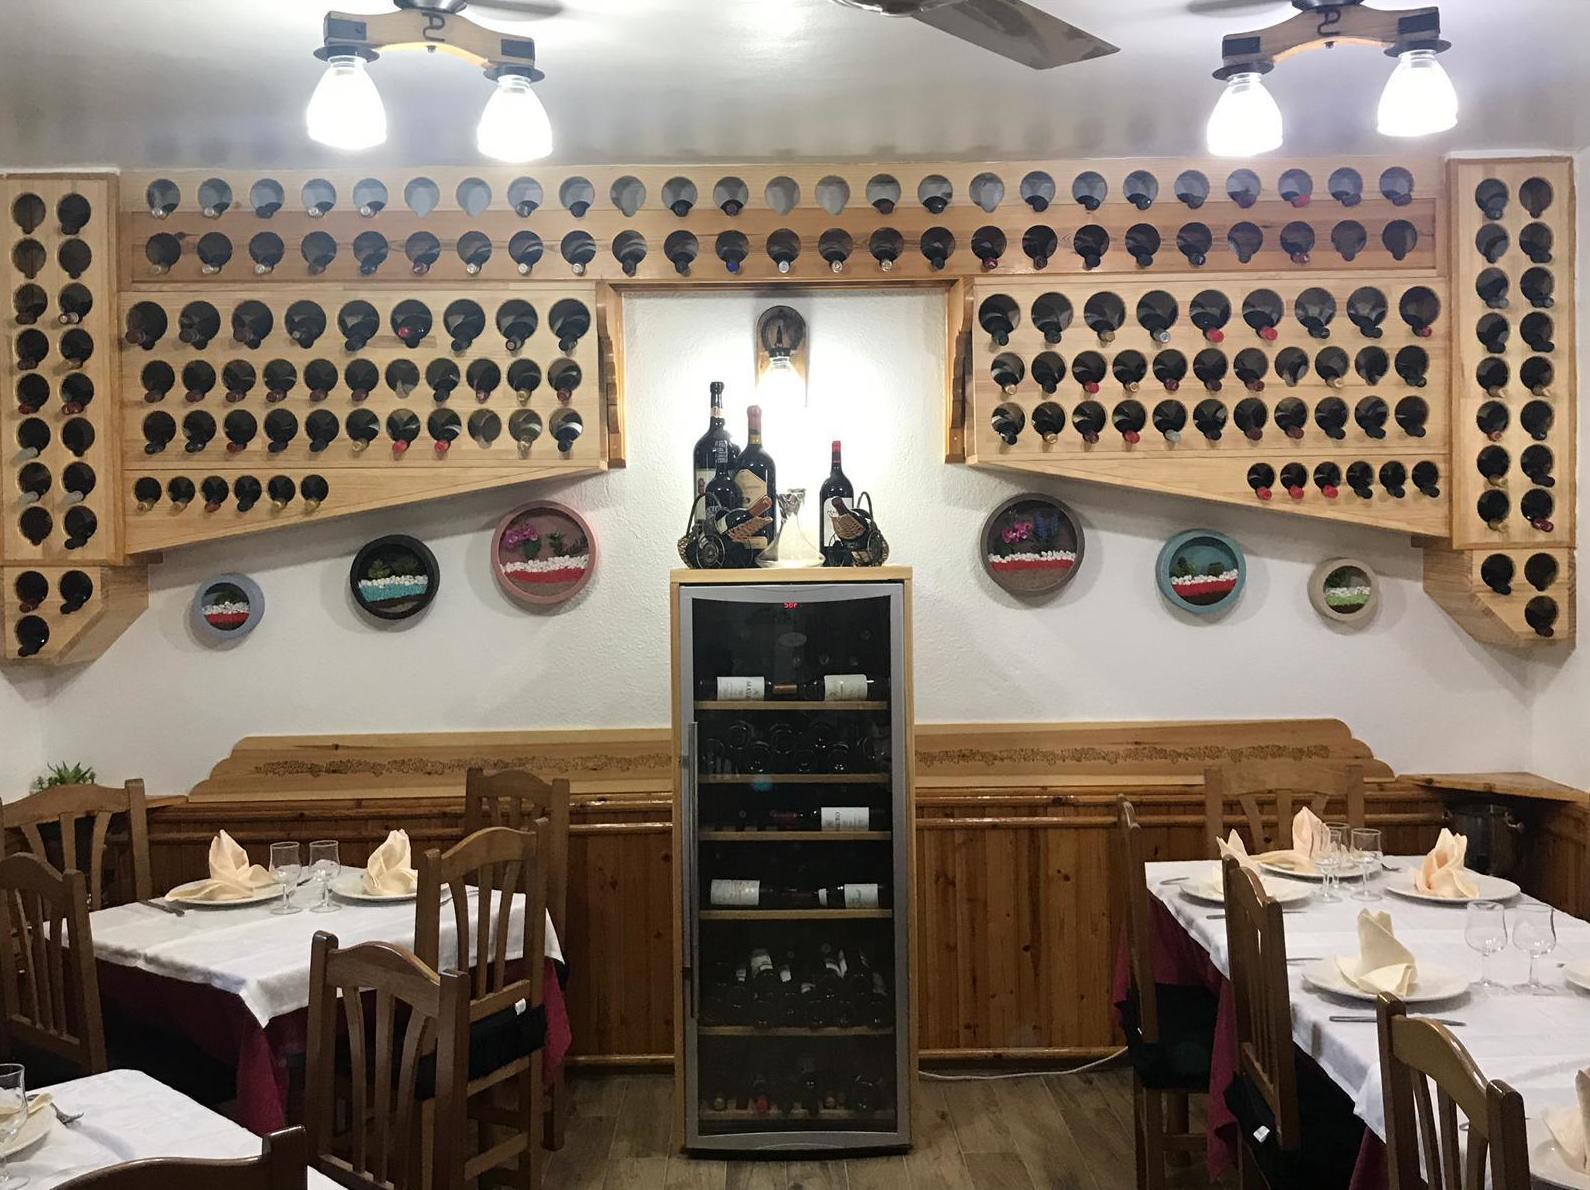 Restaurante con bodega de vinos en Virgen de la Vega, Teruel